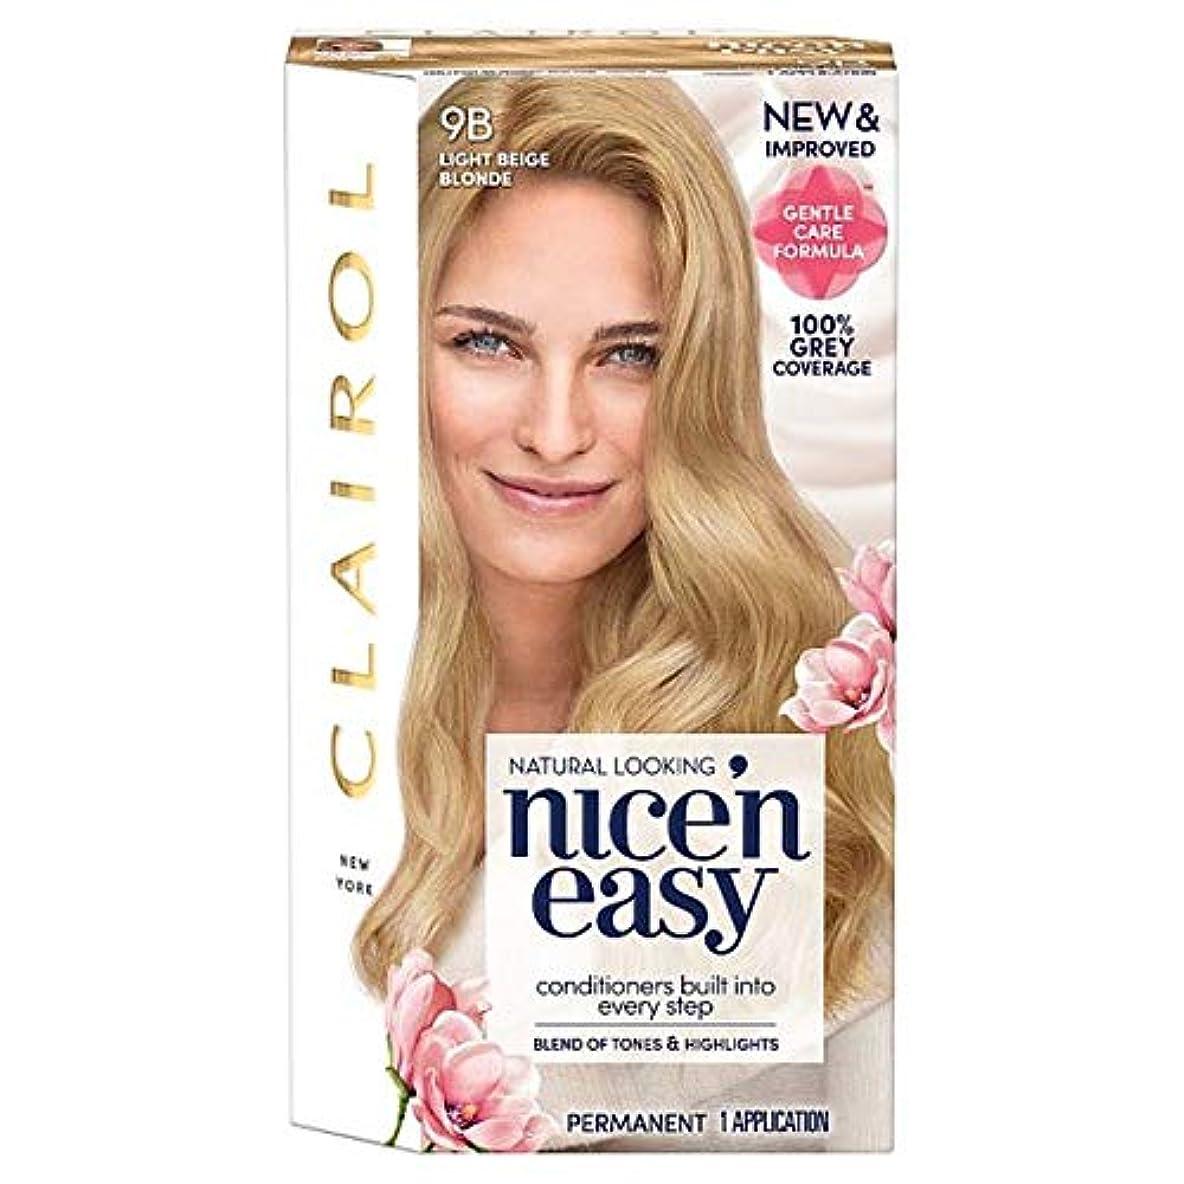 なめらかな耐える難しい[Nice'n Easy] クレイロール素敵な「N簡単にライトベージュブロンド9Bの染毛剤 - Clairol Nice 'N Easy Light Beige Blonde 9B Hair Dye [並行輸入品]